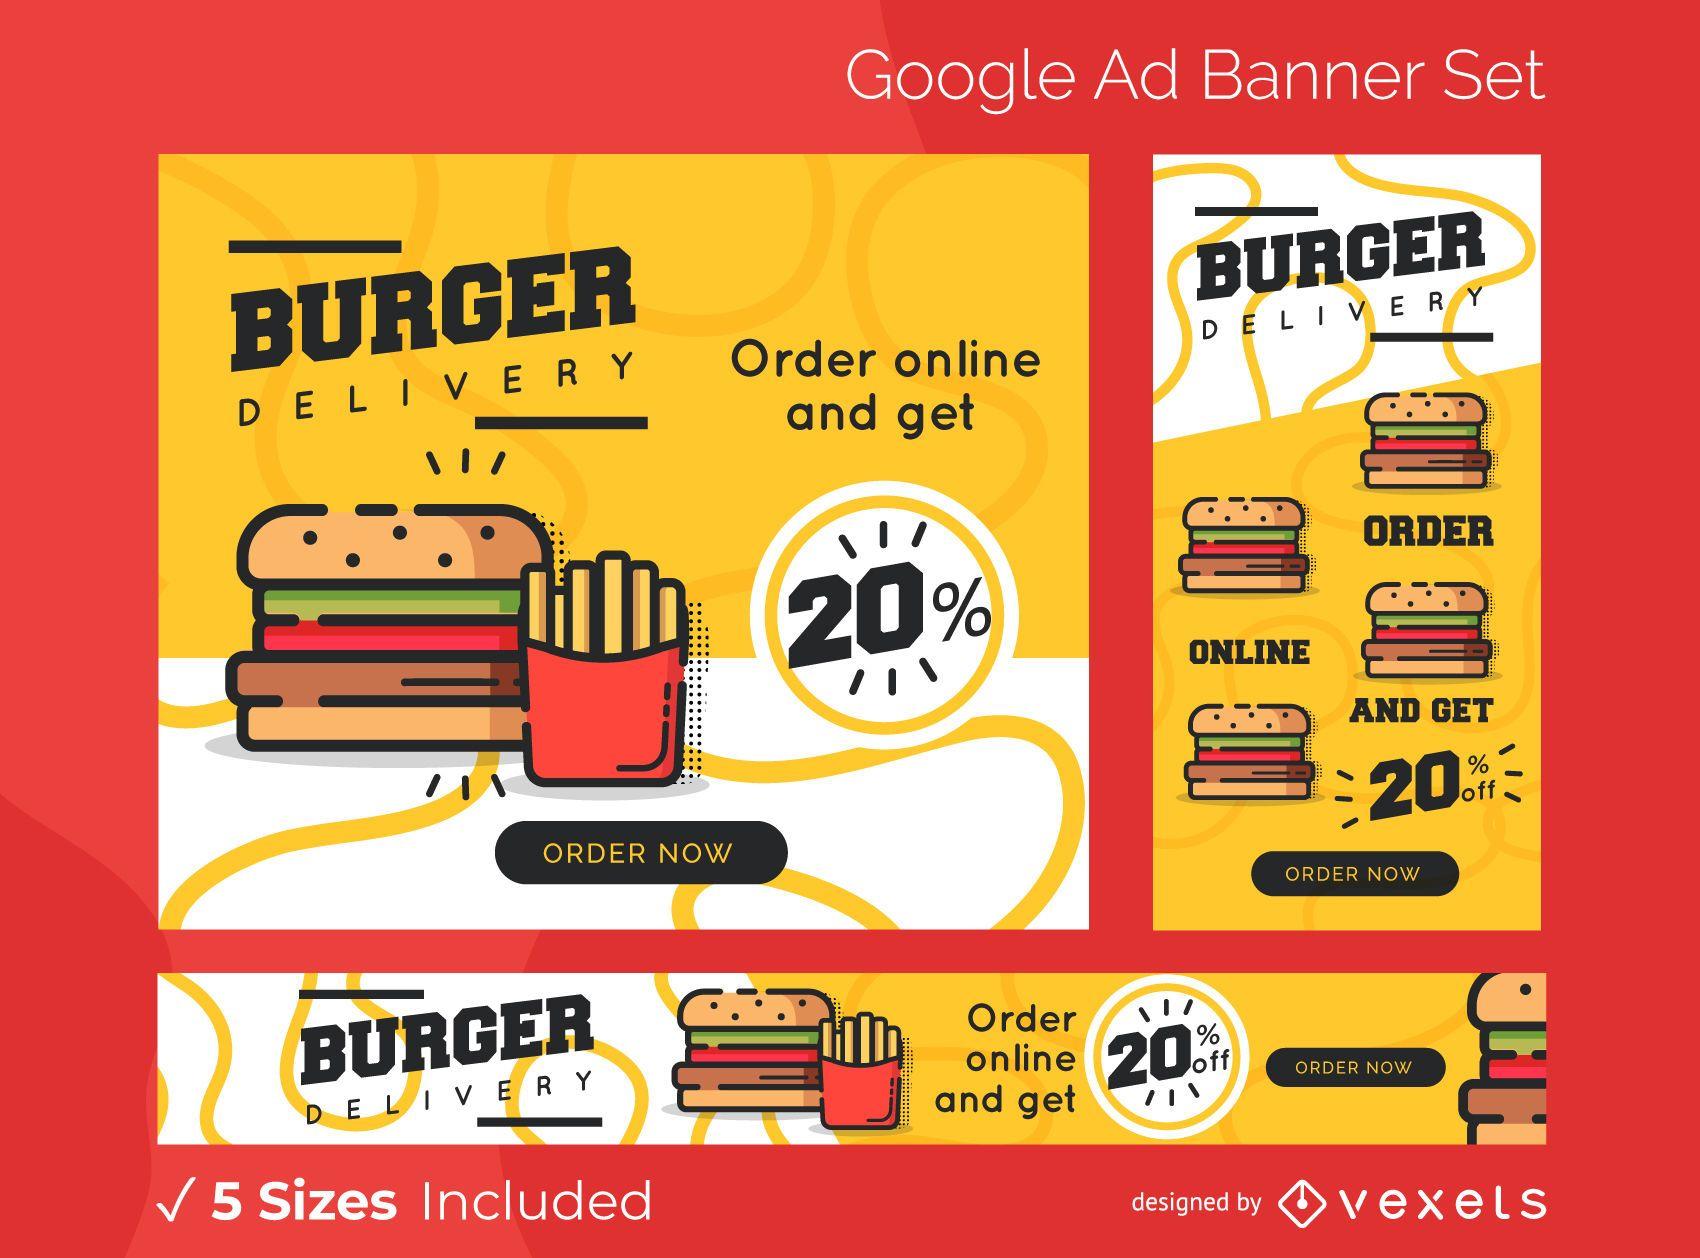 Burger delivery ads banner set